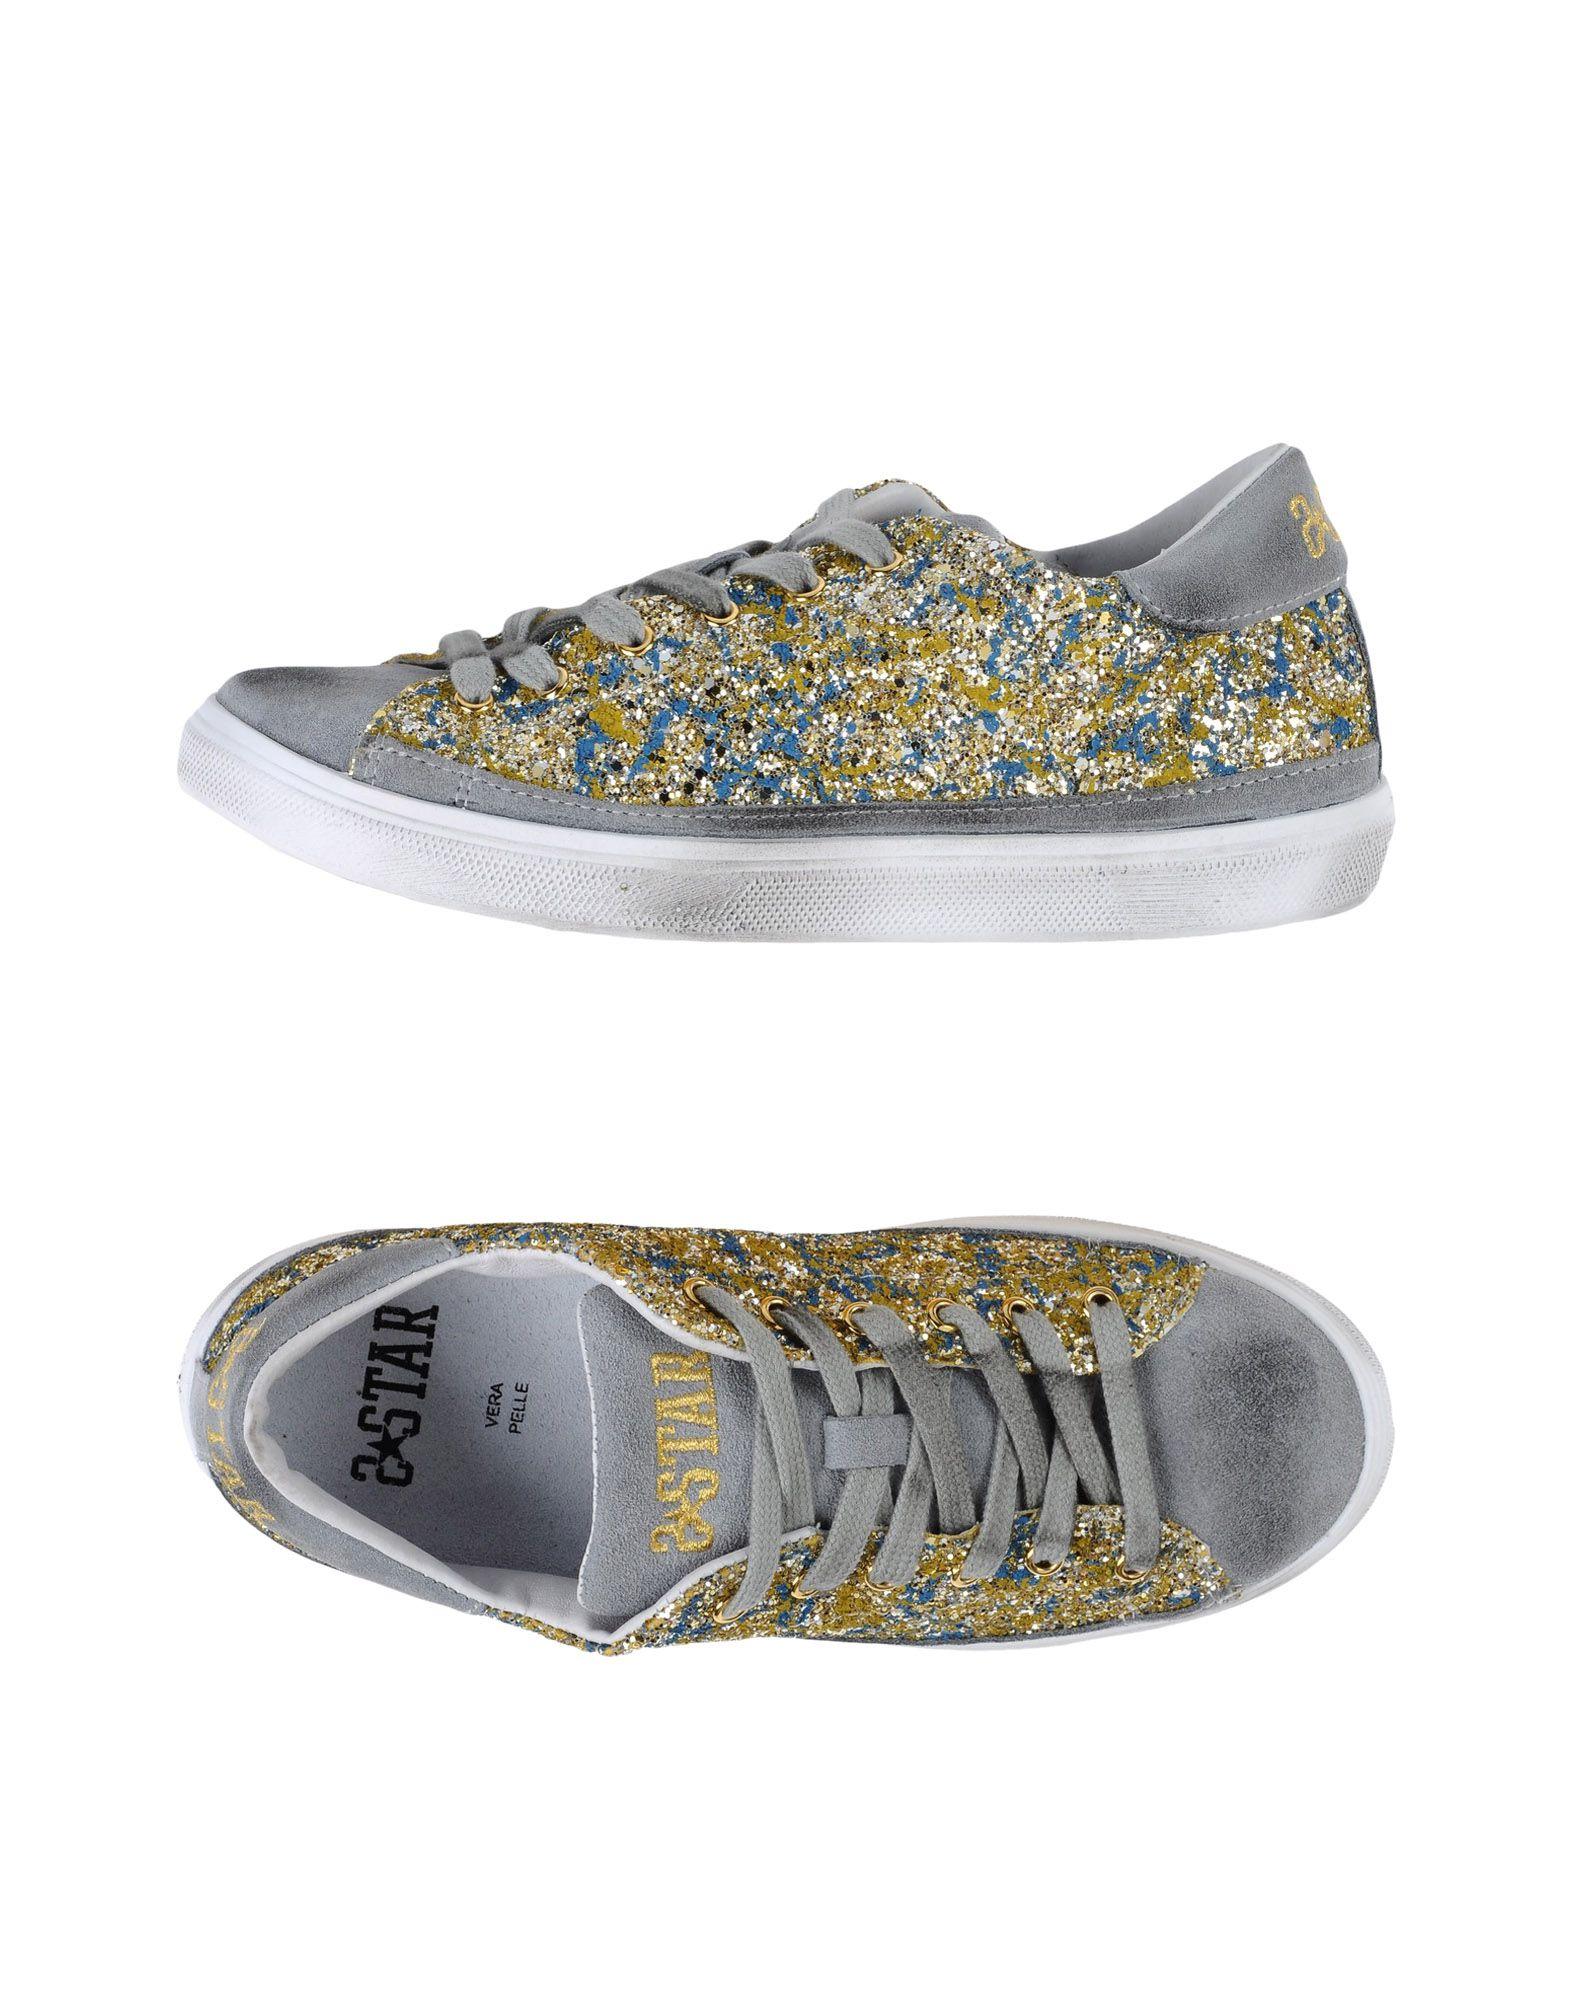 2Star Sneakers Sneakers - Women 2Star Sneakers 2Star online on  Australia - 11338564DX d2d7ff